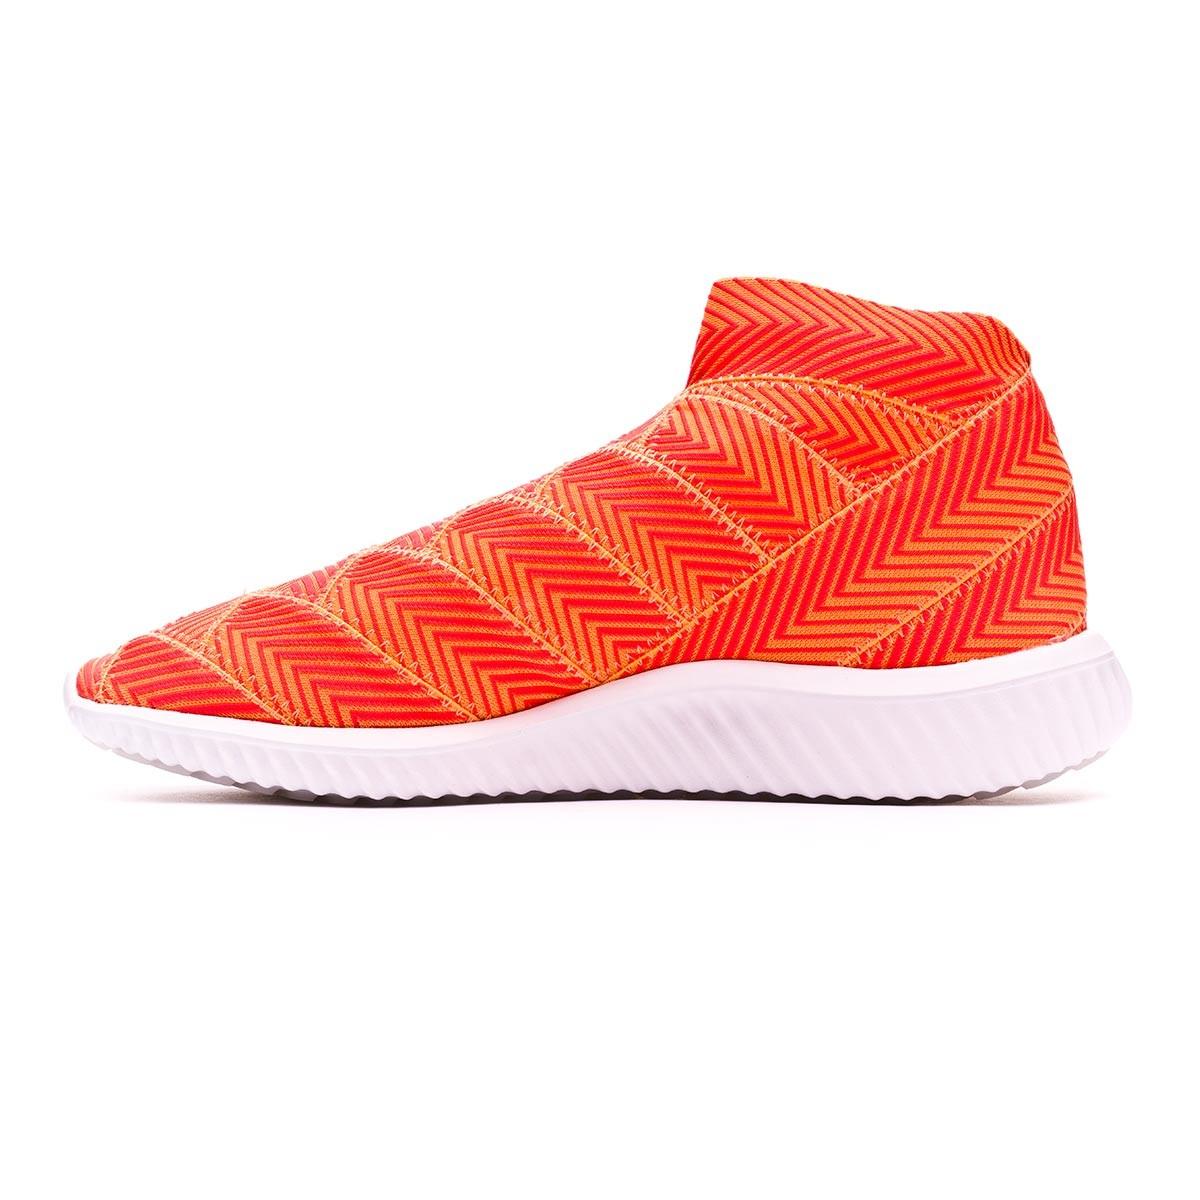 best cheap sale excellent quality Trainers adidas Nemeziz Tango 18.1 TR Zest-Black - Leaked soccer